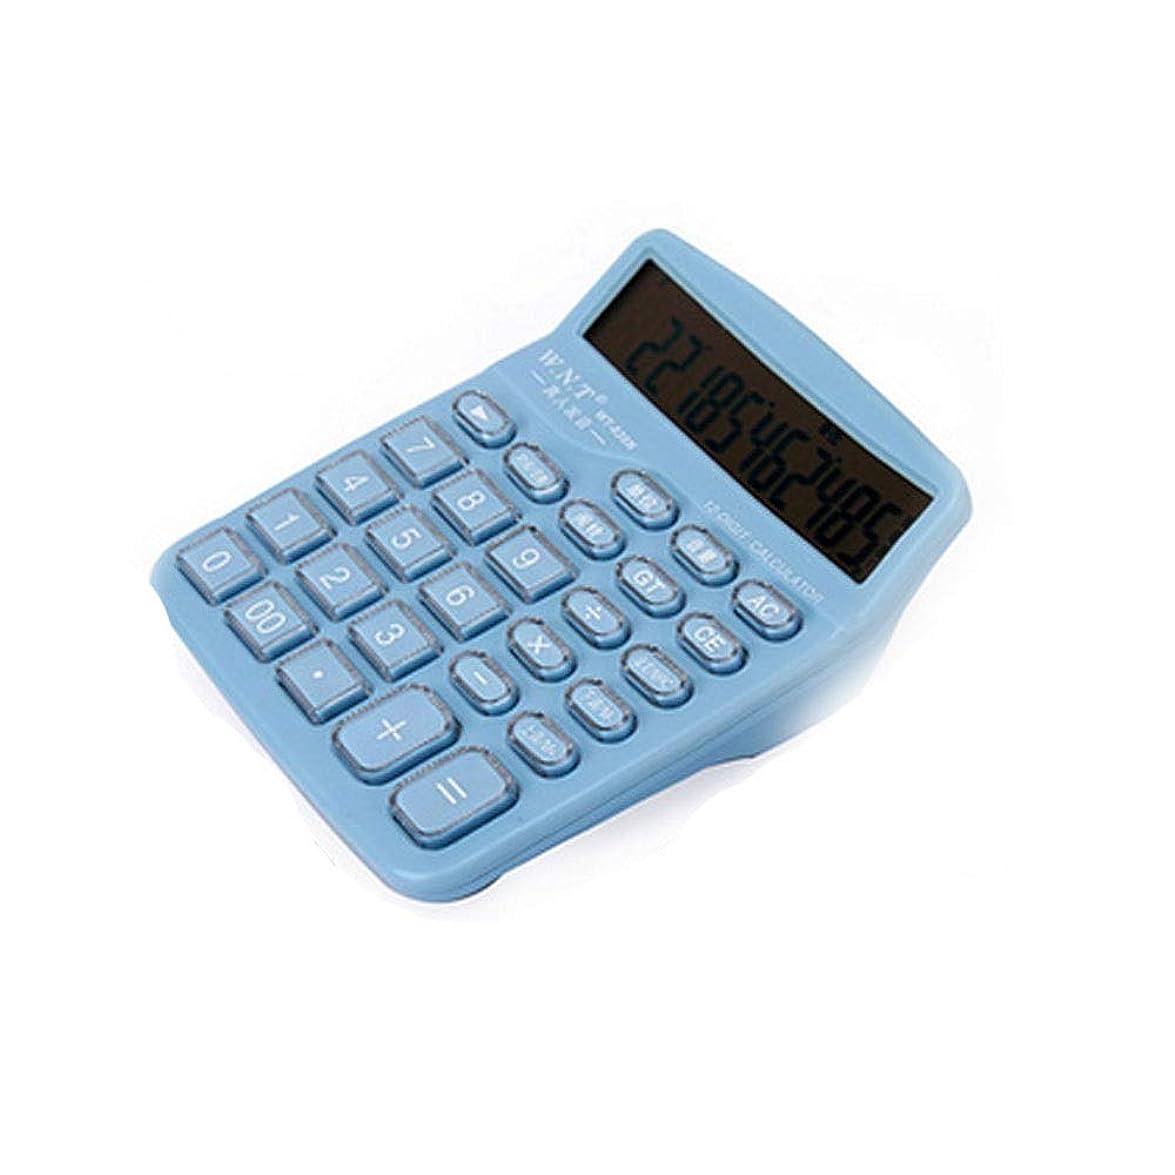 年次追跡逆MEIYUFUZHUANG-A 電卓、デュアル電源、12ビットワイドスクリーンディスプレイ、ボイスソーラー電卓、日々の基本的なオフィス用ハンドヘルド 会計 (Color : C)